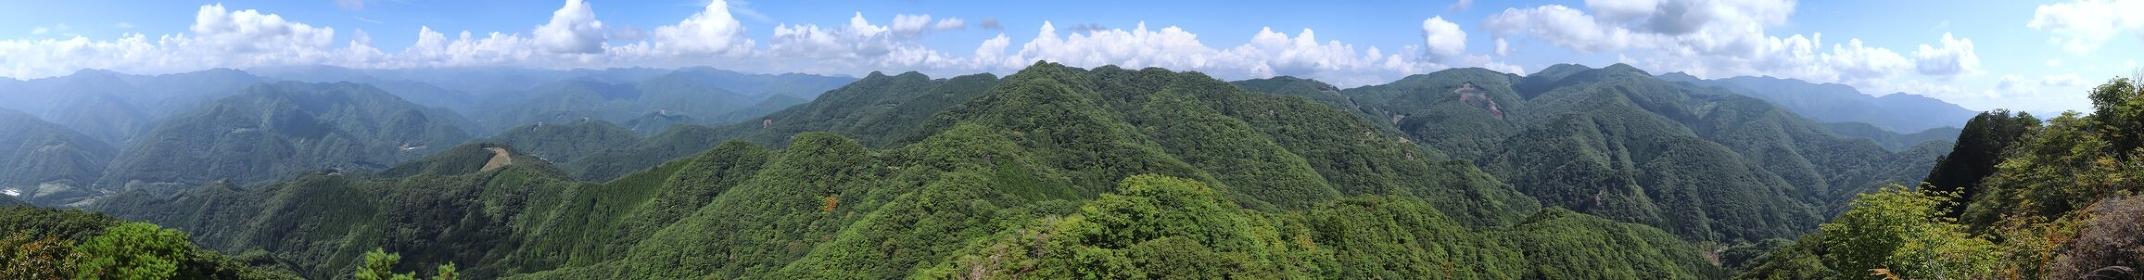 群馬県・笠丸山頂上からの眺望 (パノラマ)(別角度)